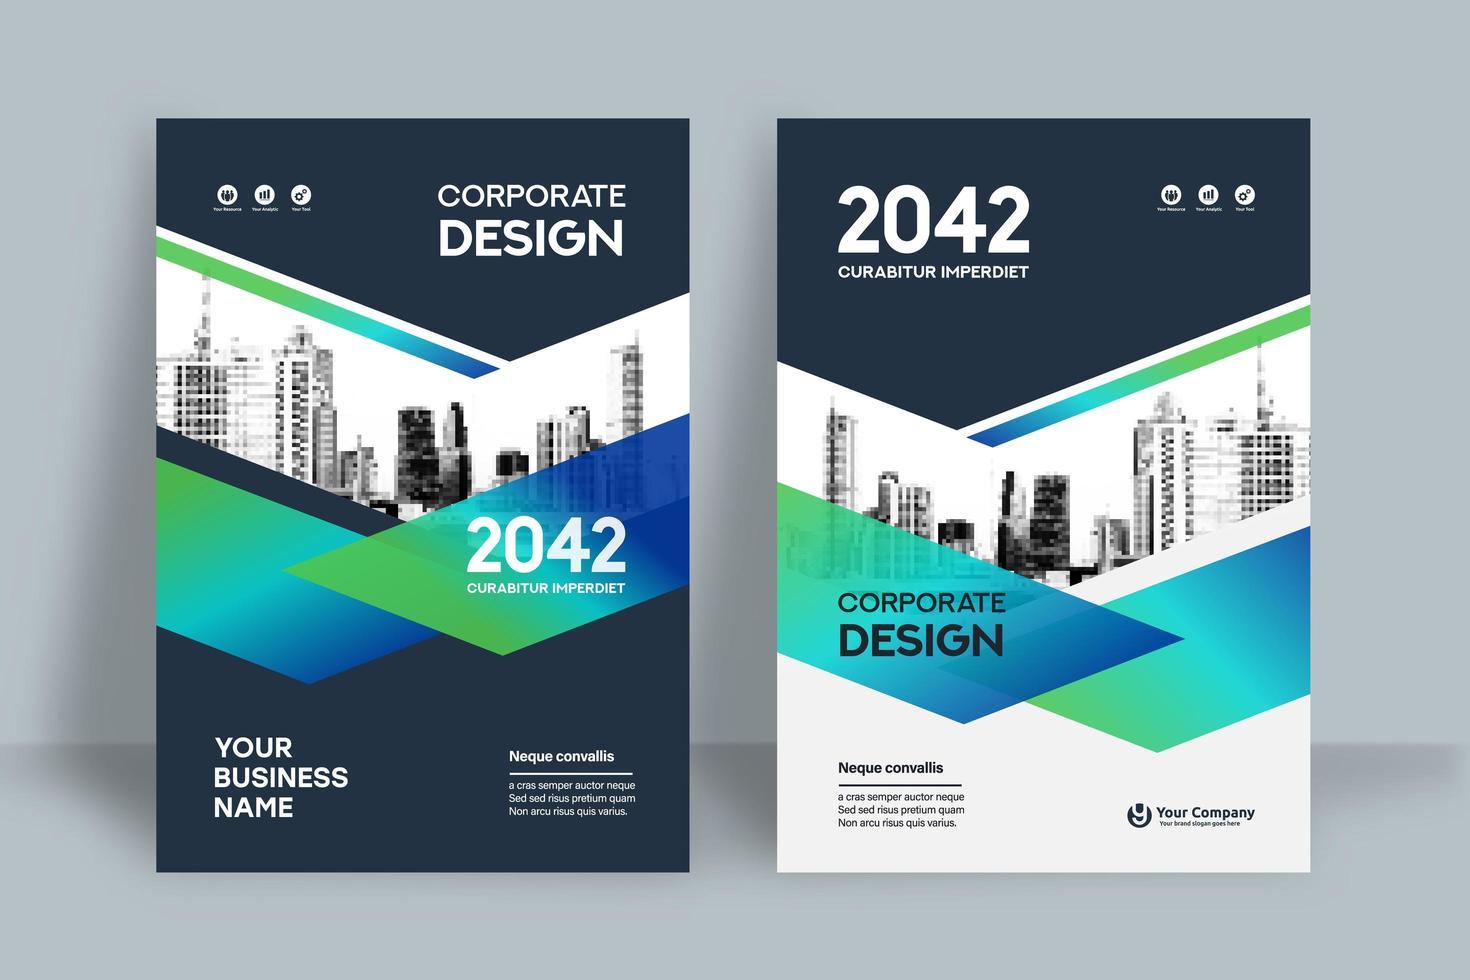 Stadt Hintergrund Business Book Cover Design-Vorlage vektor